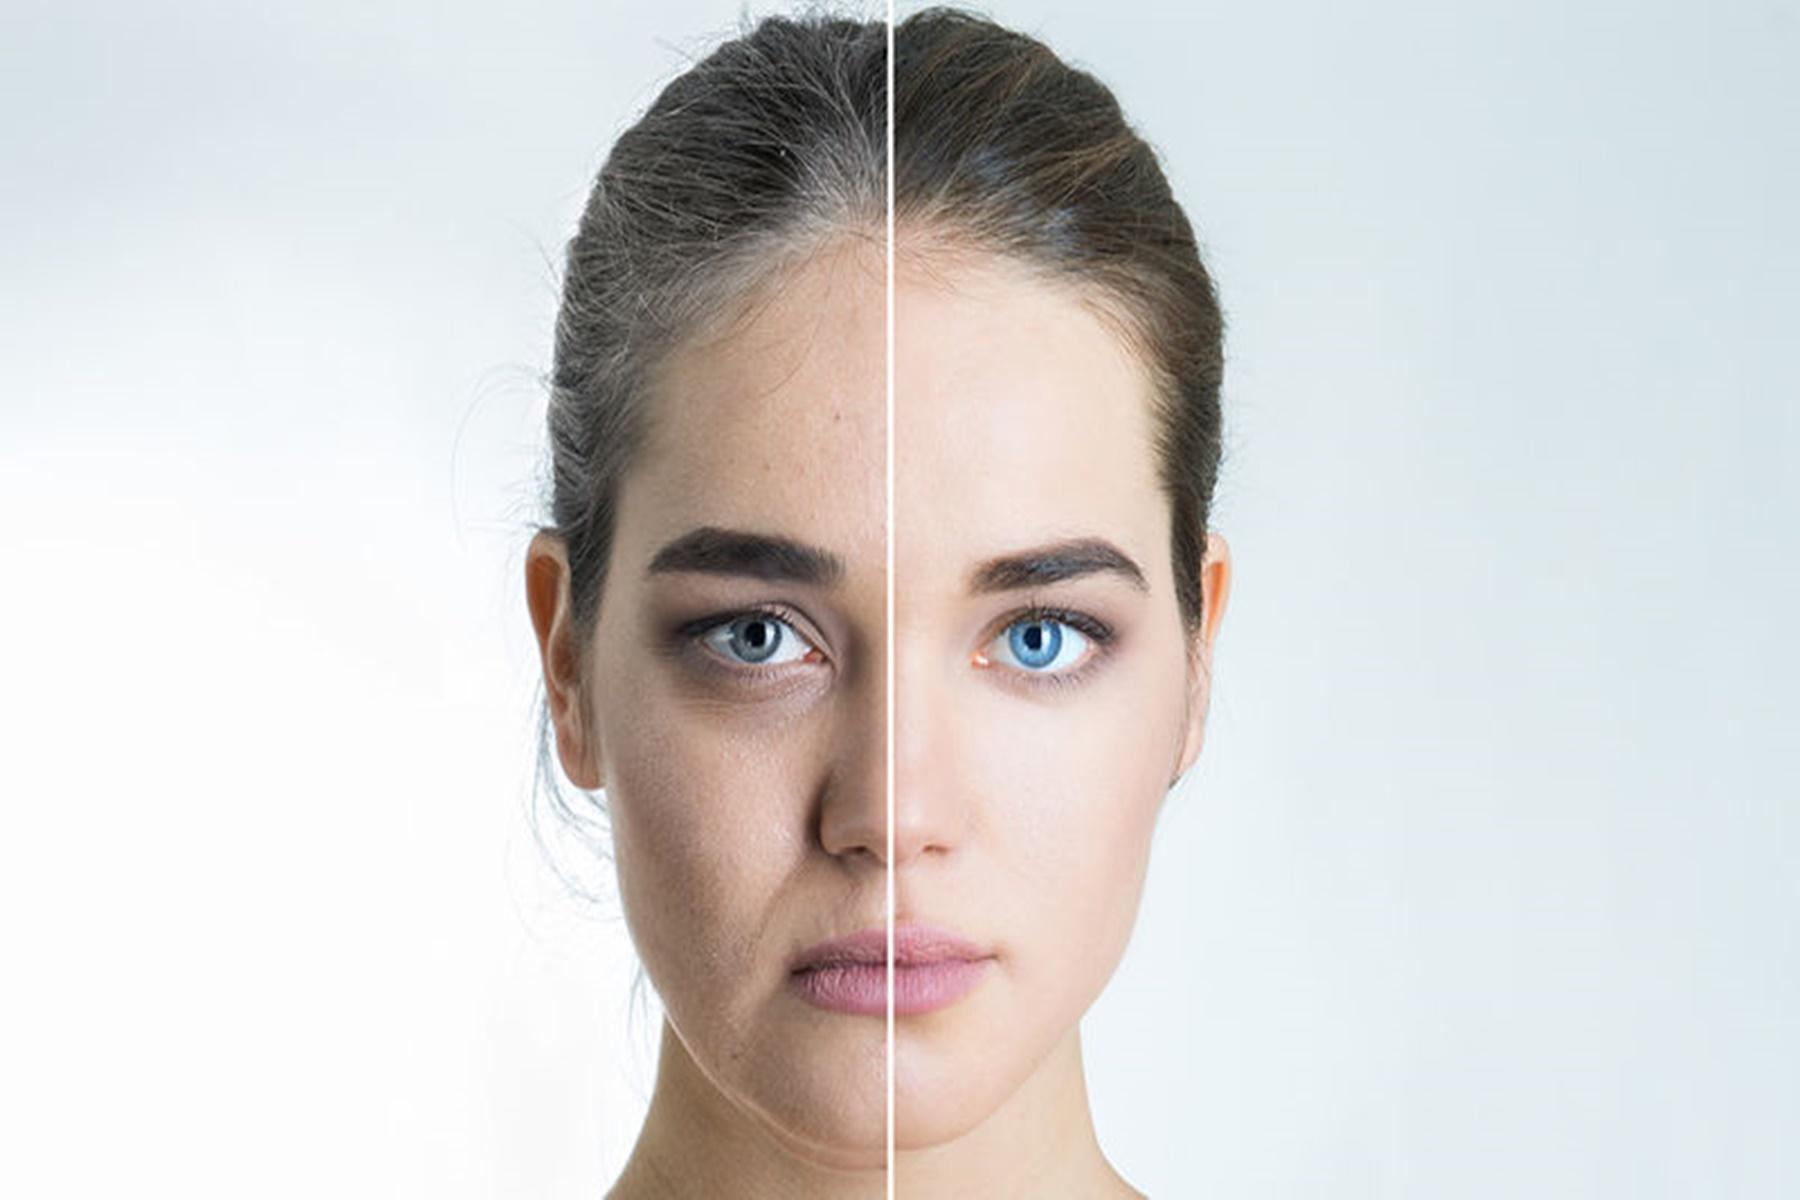 Δέρμα : Tips για να το φροντίσετε